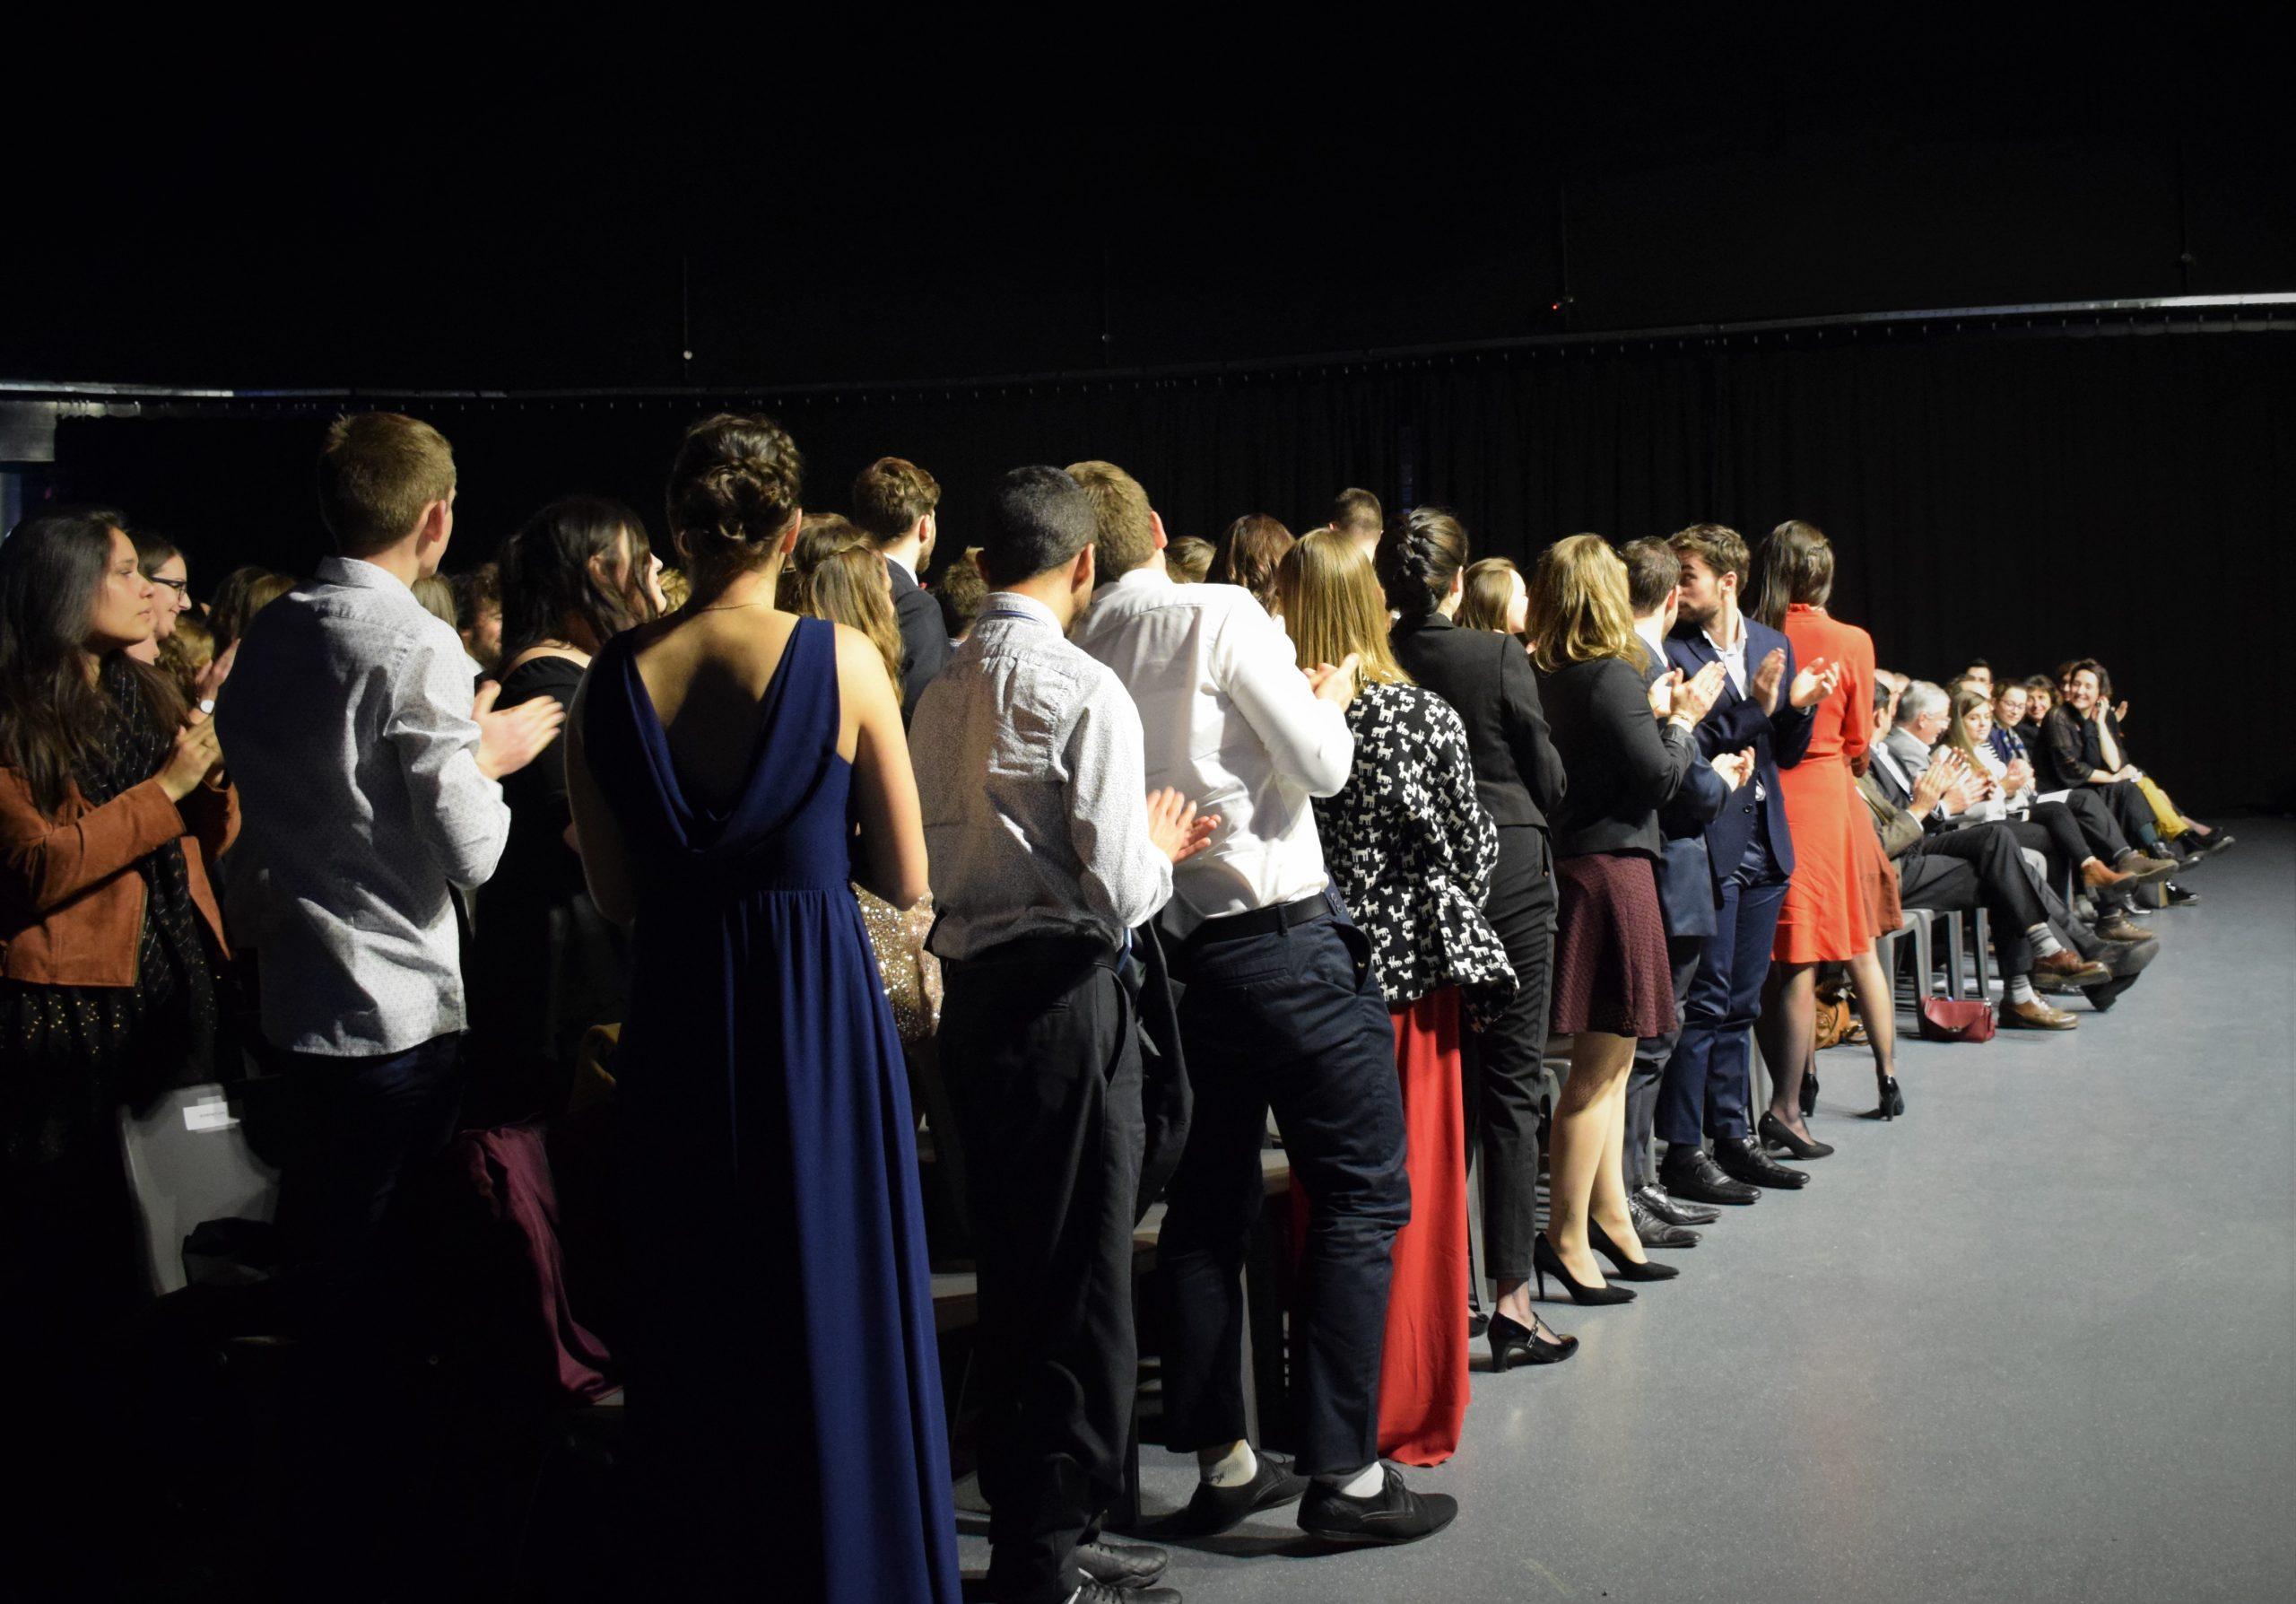 Les diplômés applaudissent chaleureusement tous les proches qui les ont soutenus durant leurs années d'études et pour leur présence à la cérémonie.  Crédit photo : ©Club photo CDA